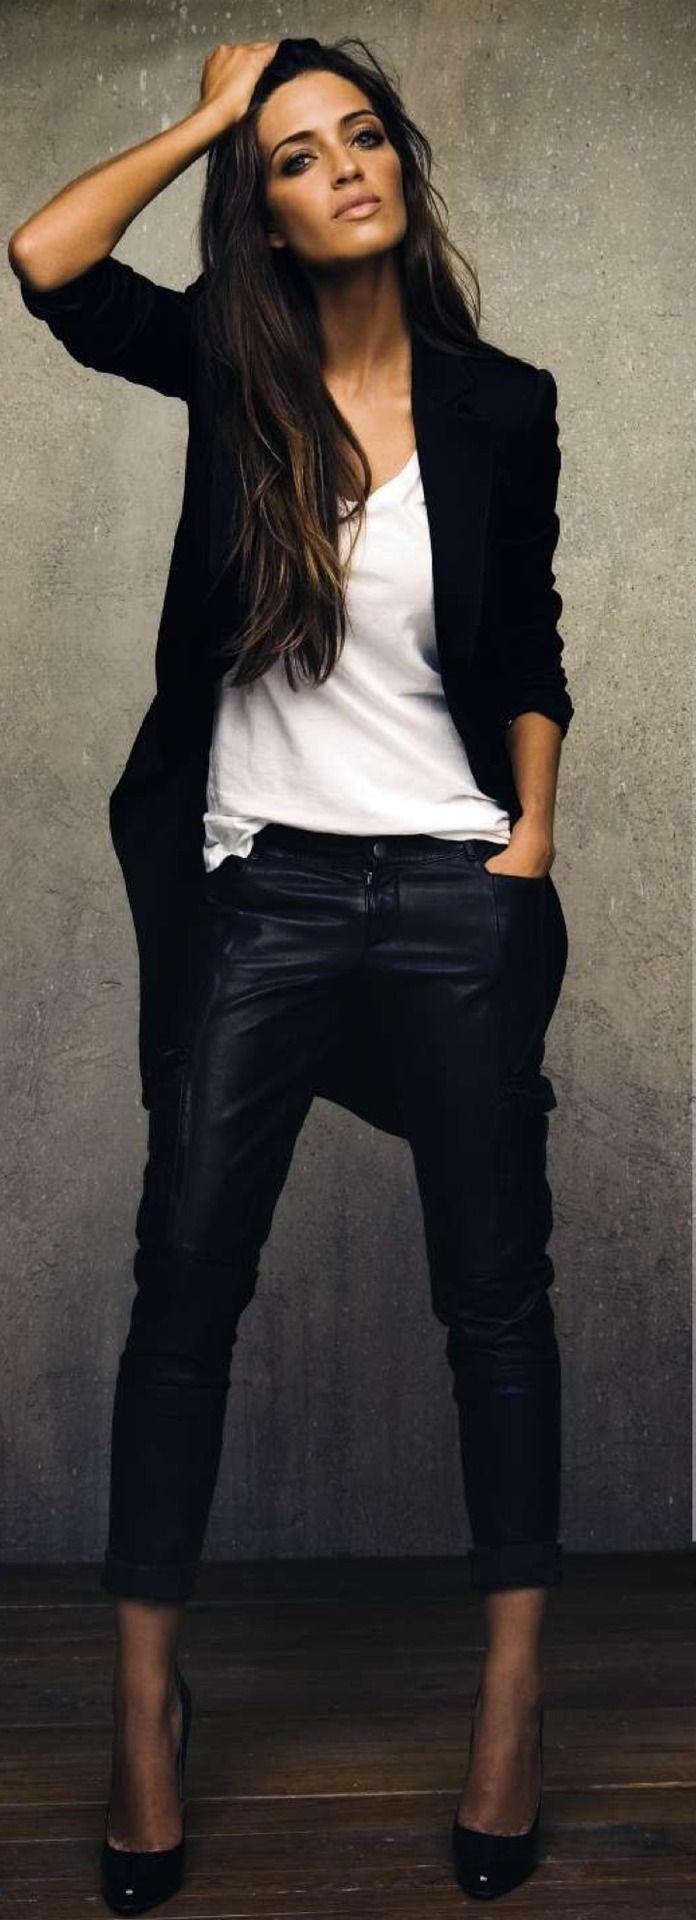 Acheter la tenue sur Lookastic: https://lookastic.fr/mode-femme/tenues/manteau-noir-t-shirt-a-col-rond-blanc-pantalon-slim-noir-escarpins/4395 — Manteau noir — T-shirt à col rond blanc — Pantalon slim en cuir noir — Escarpins en cuir noirs